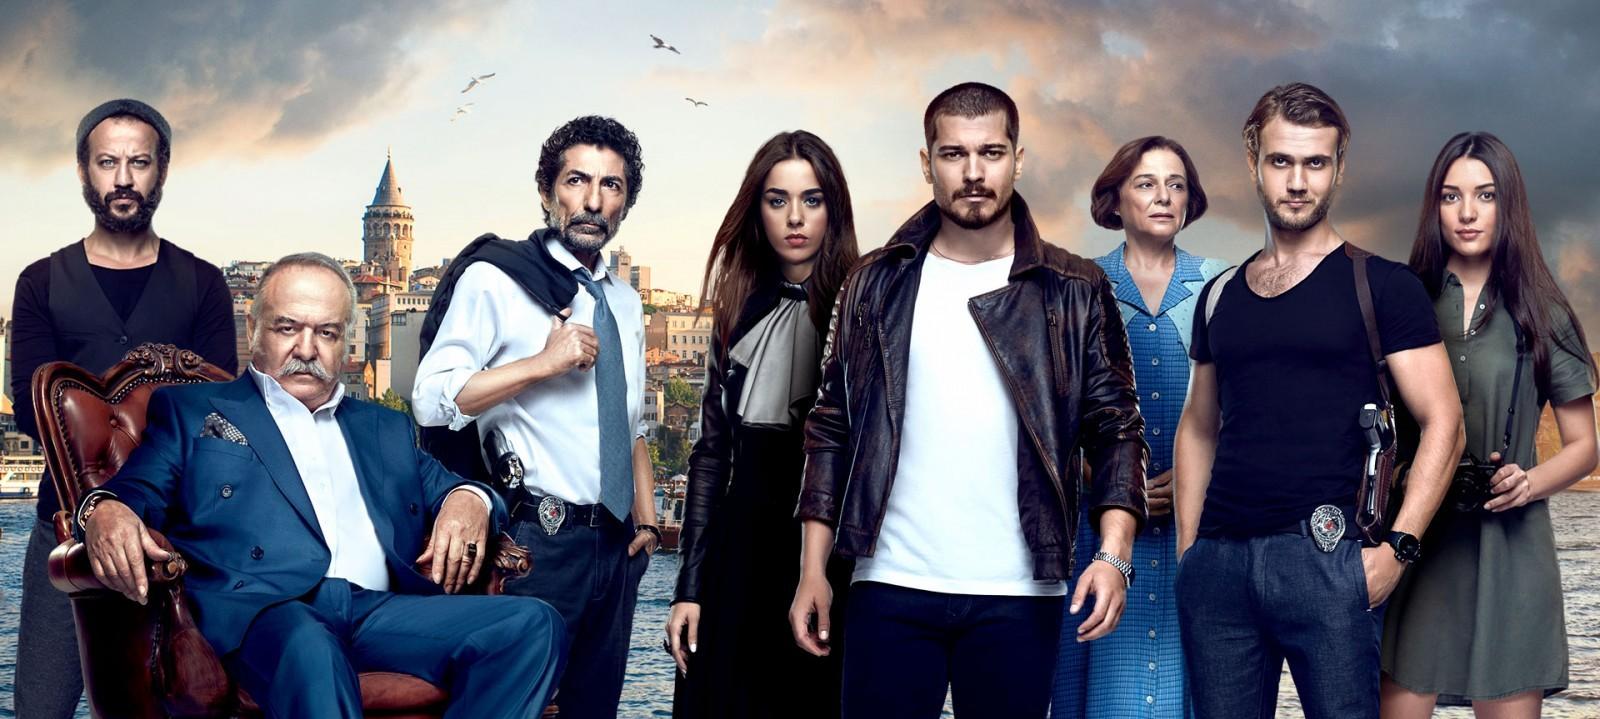 10 أسباب جعلت المغاربة يتابعون بشغف مسلسل 'في الداخل' - Welovebuzz - عربية